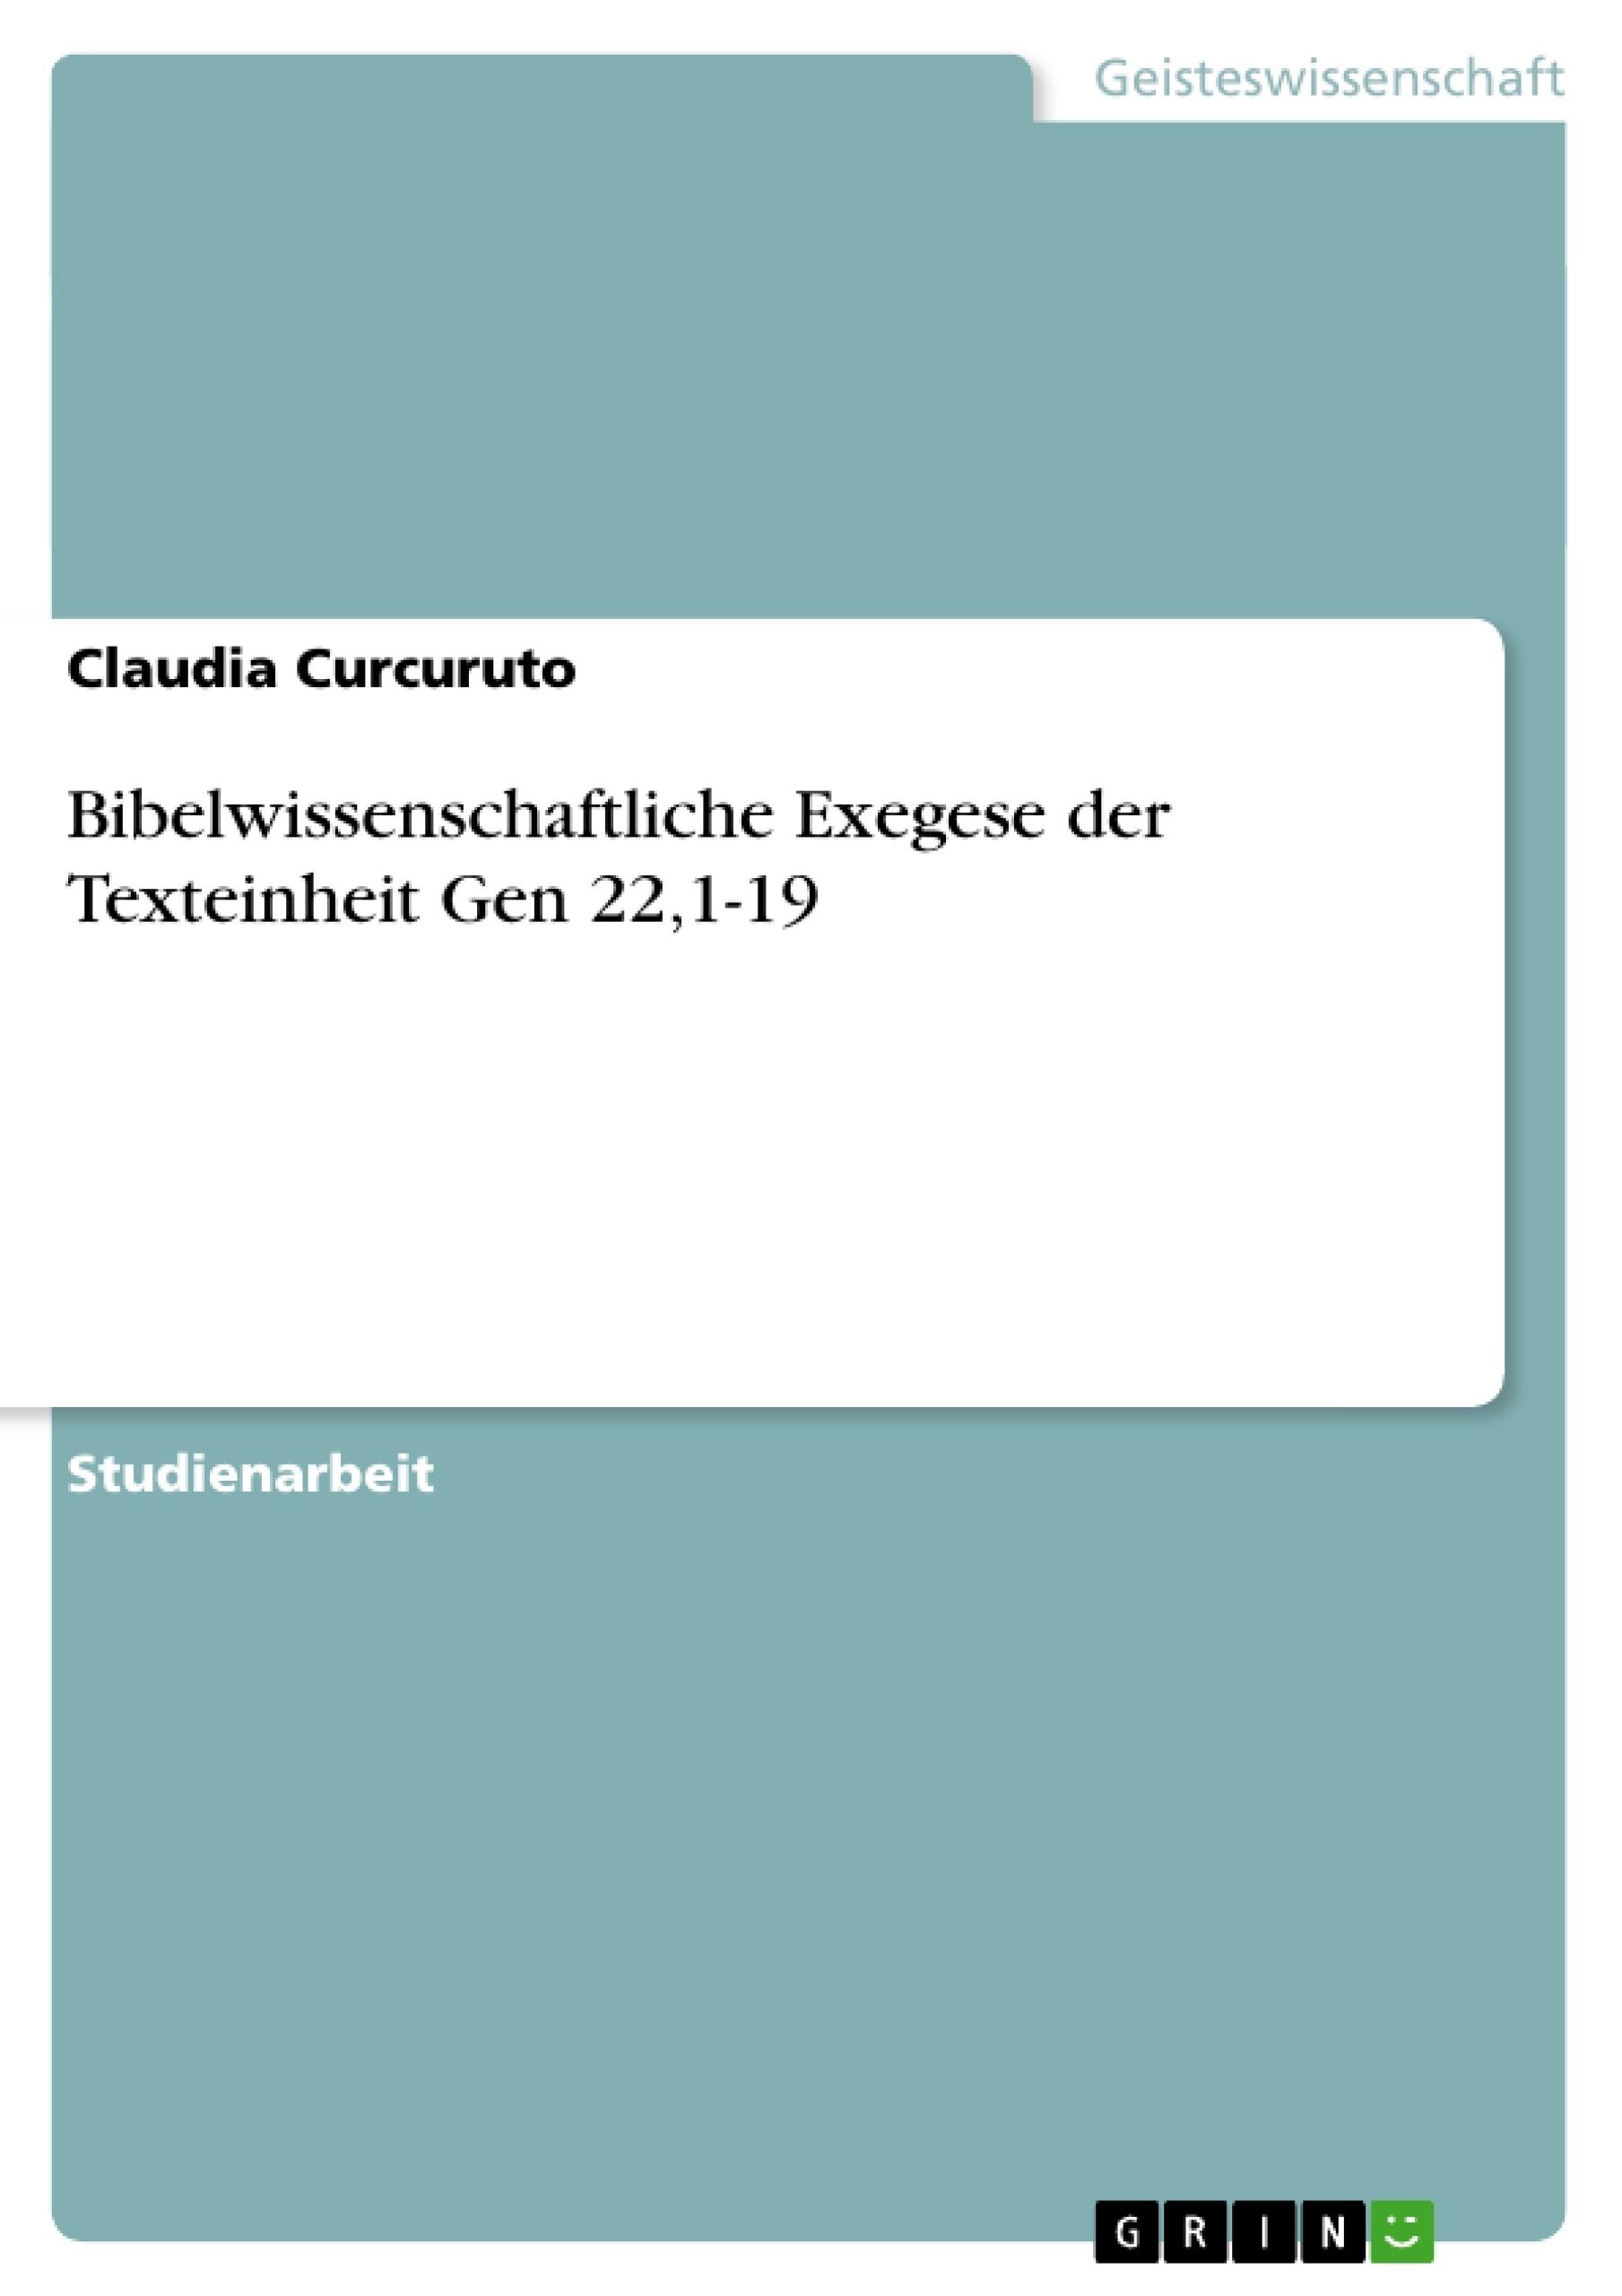 Titel: Bibelwissenschaftliche Exegese der Texteinheit Gen 22,1-19